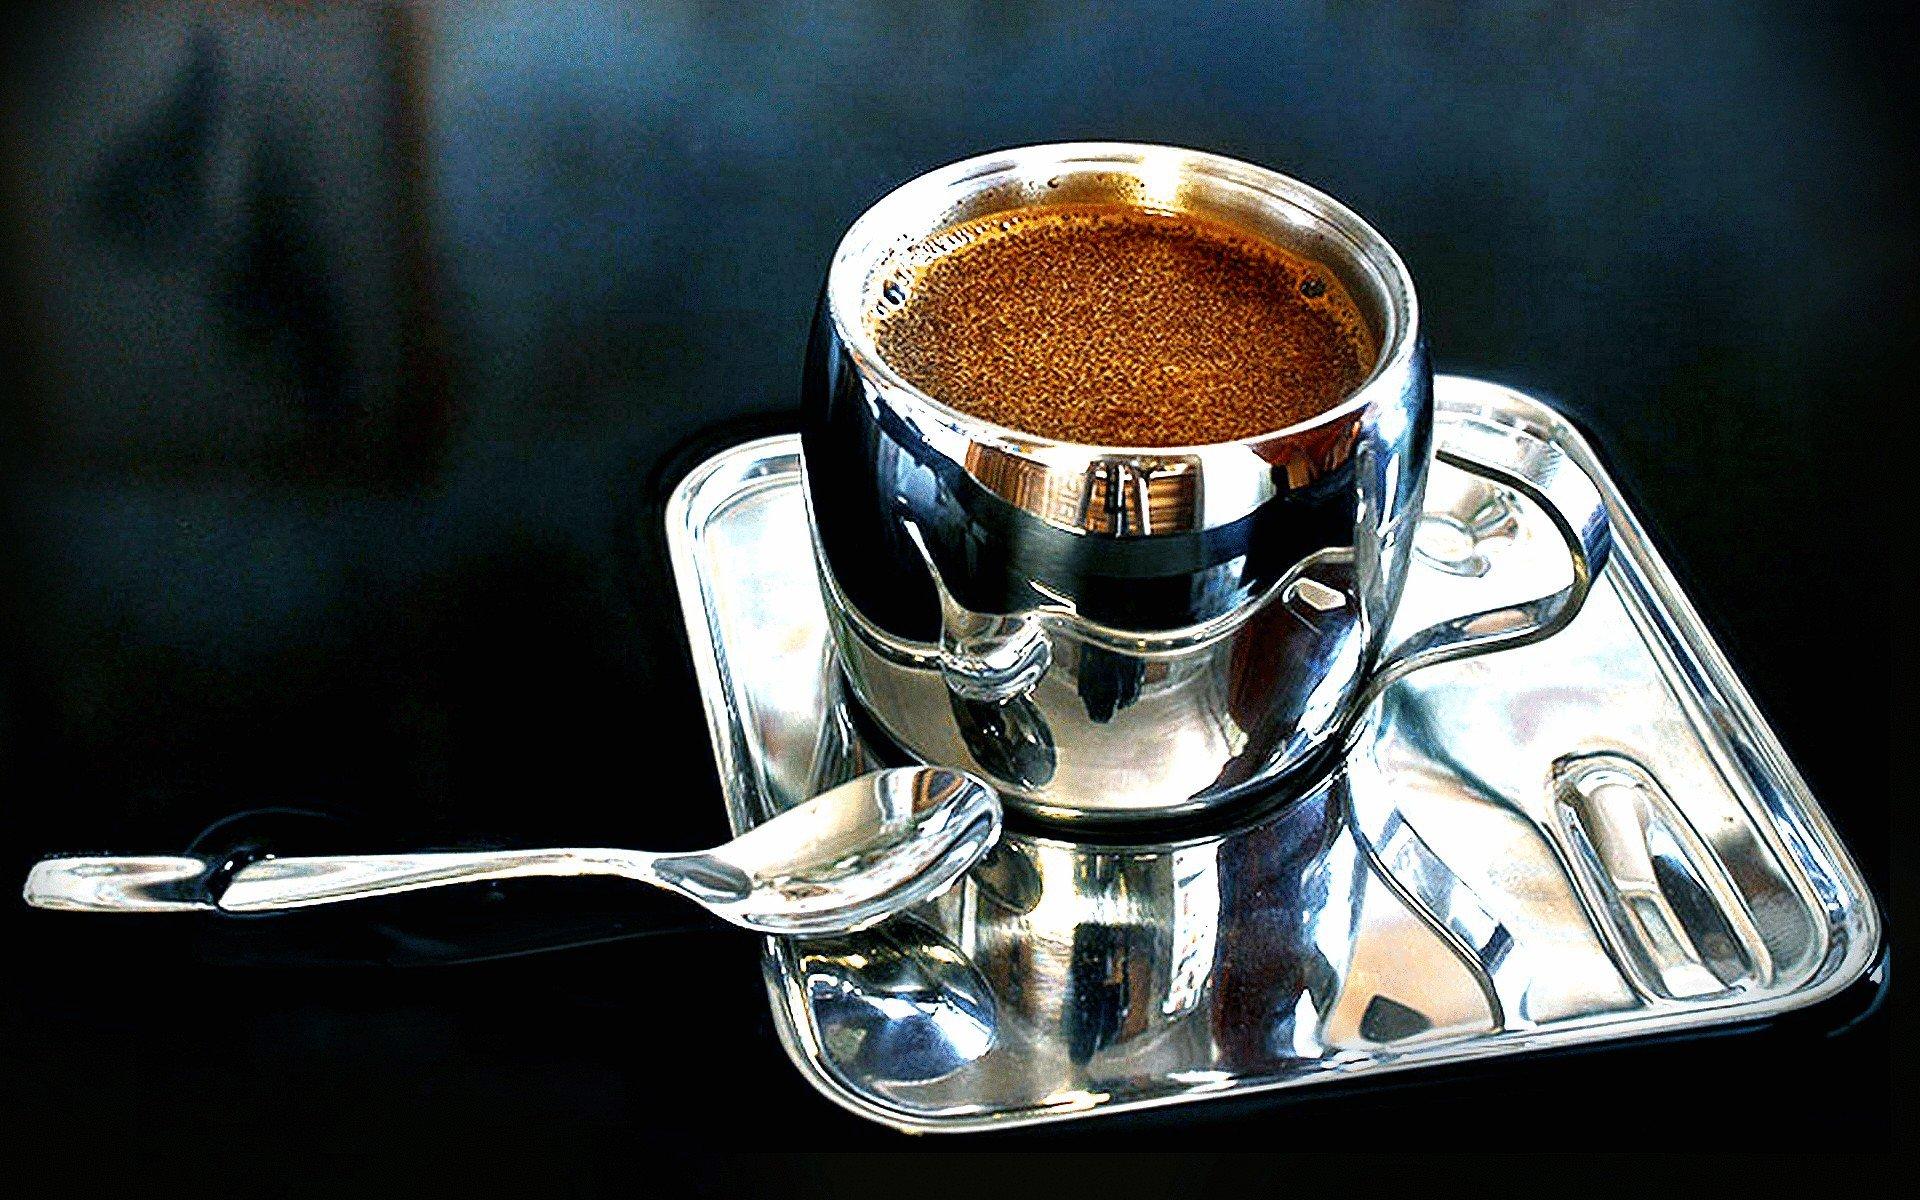 кофе фото с добрым утром господин человек, характер которого